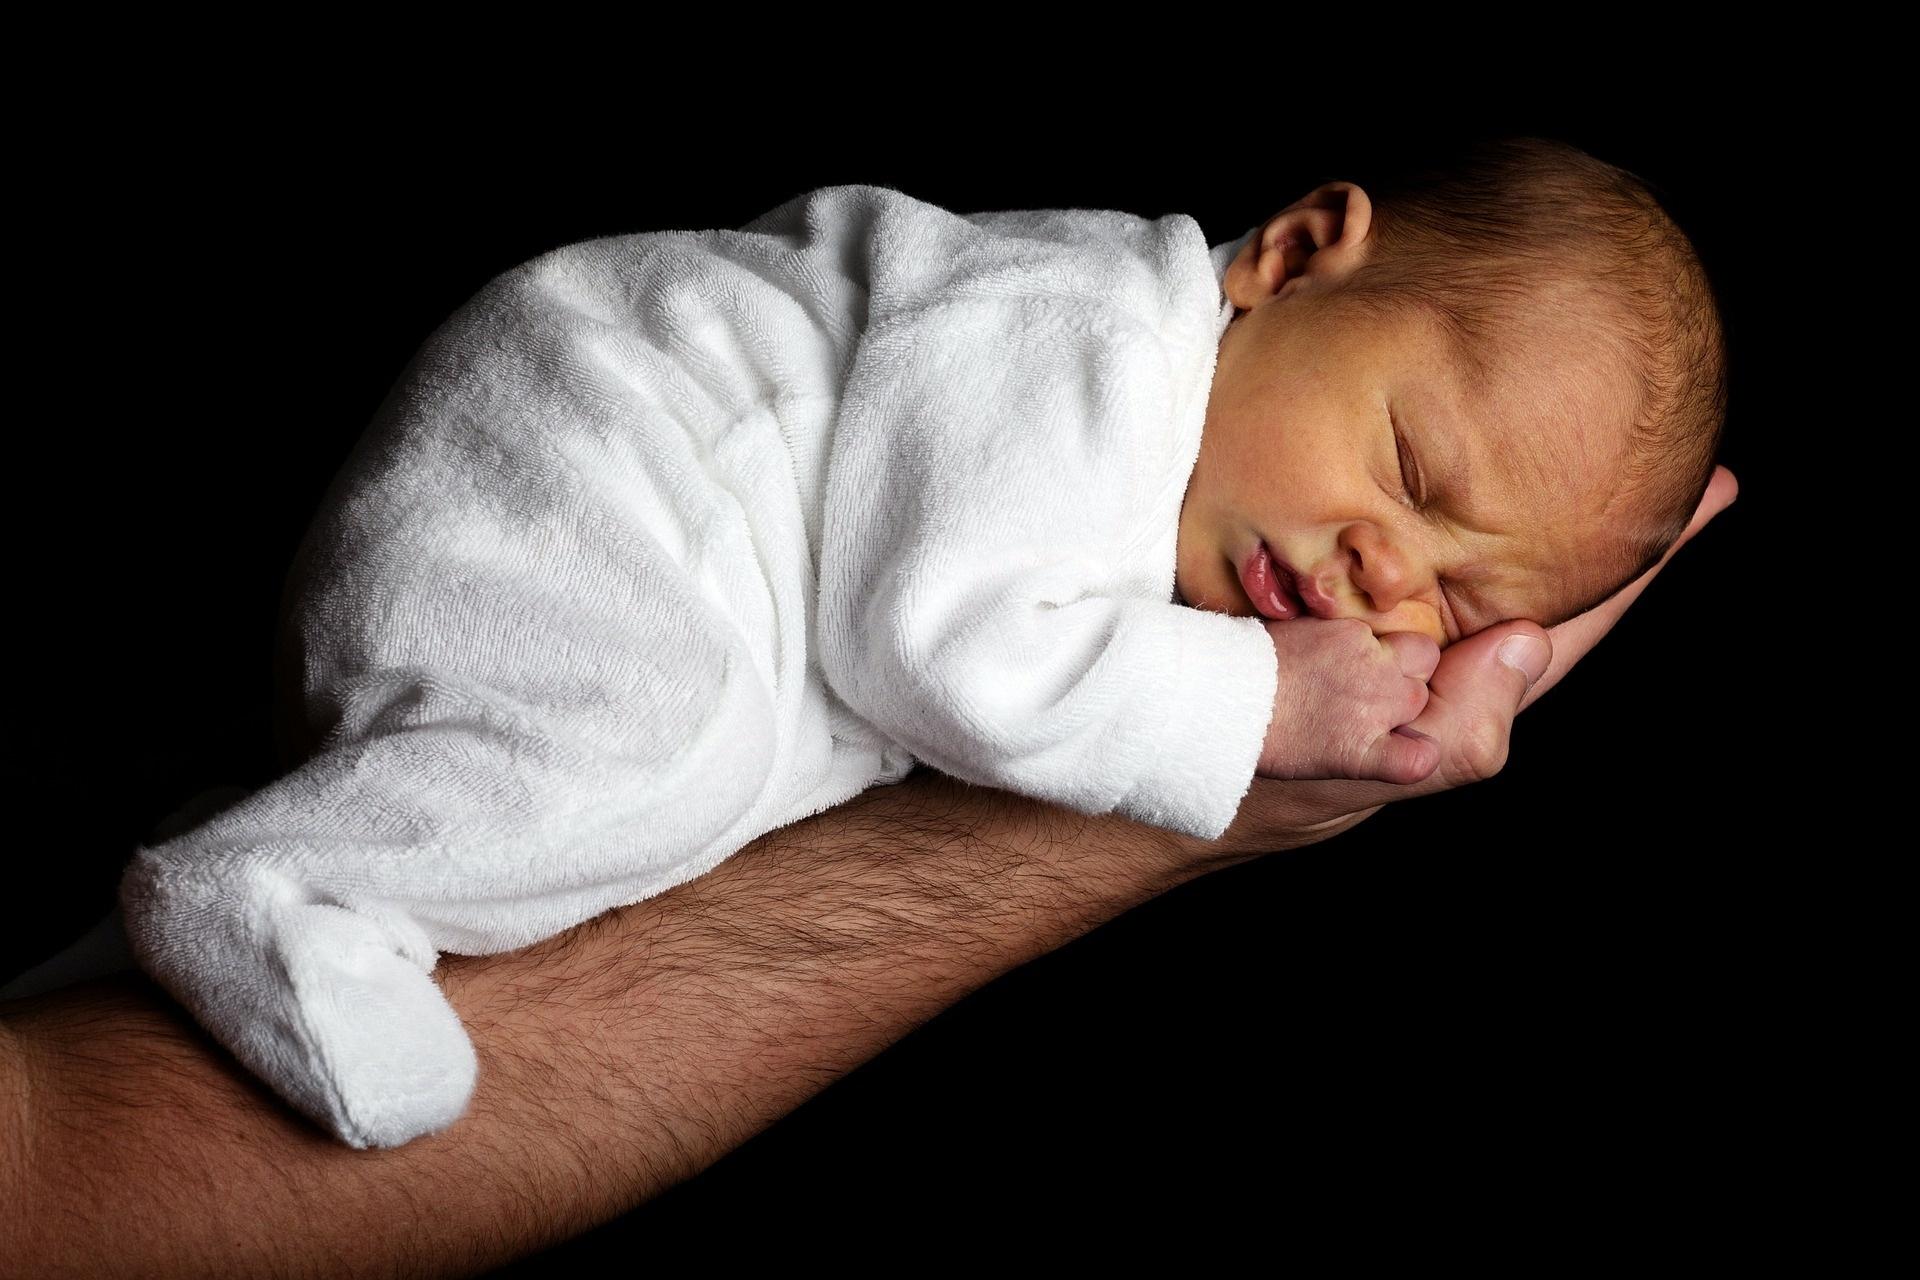 Absicherung für die ganze Familie – Worauf muss geachtet werden?